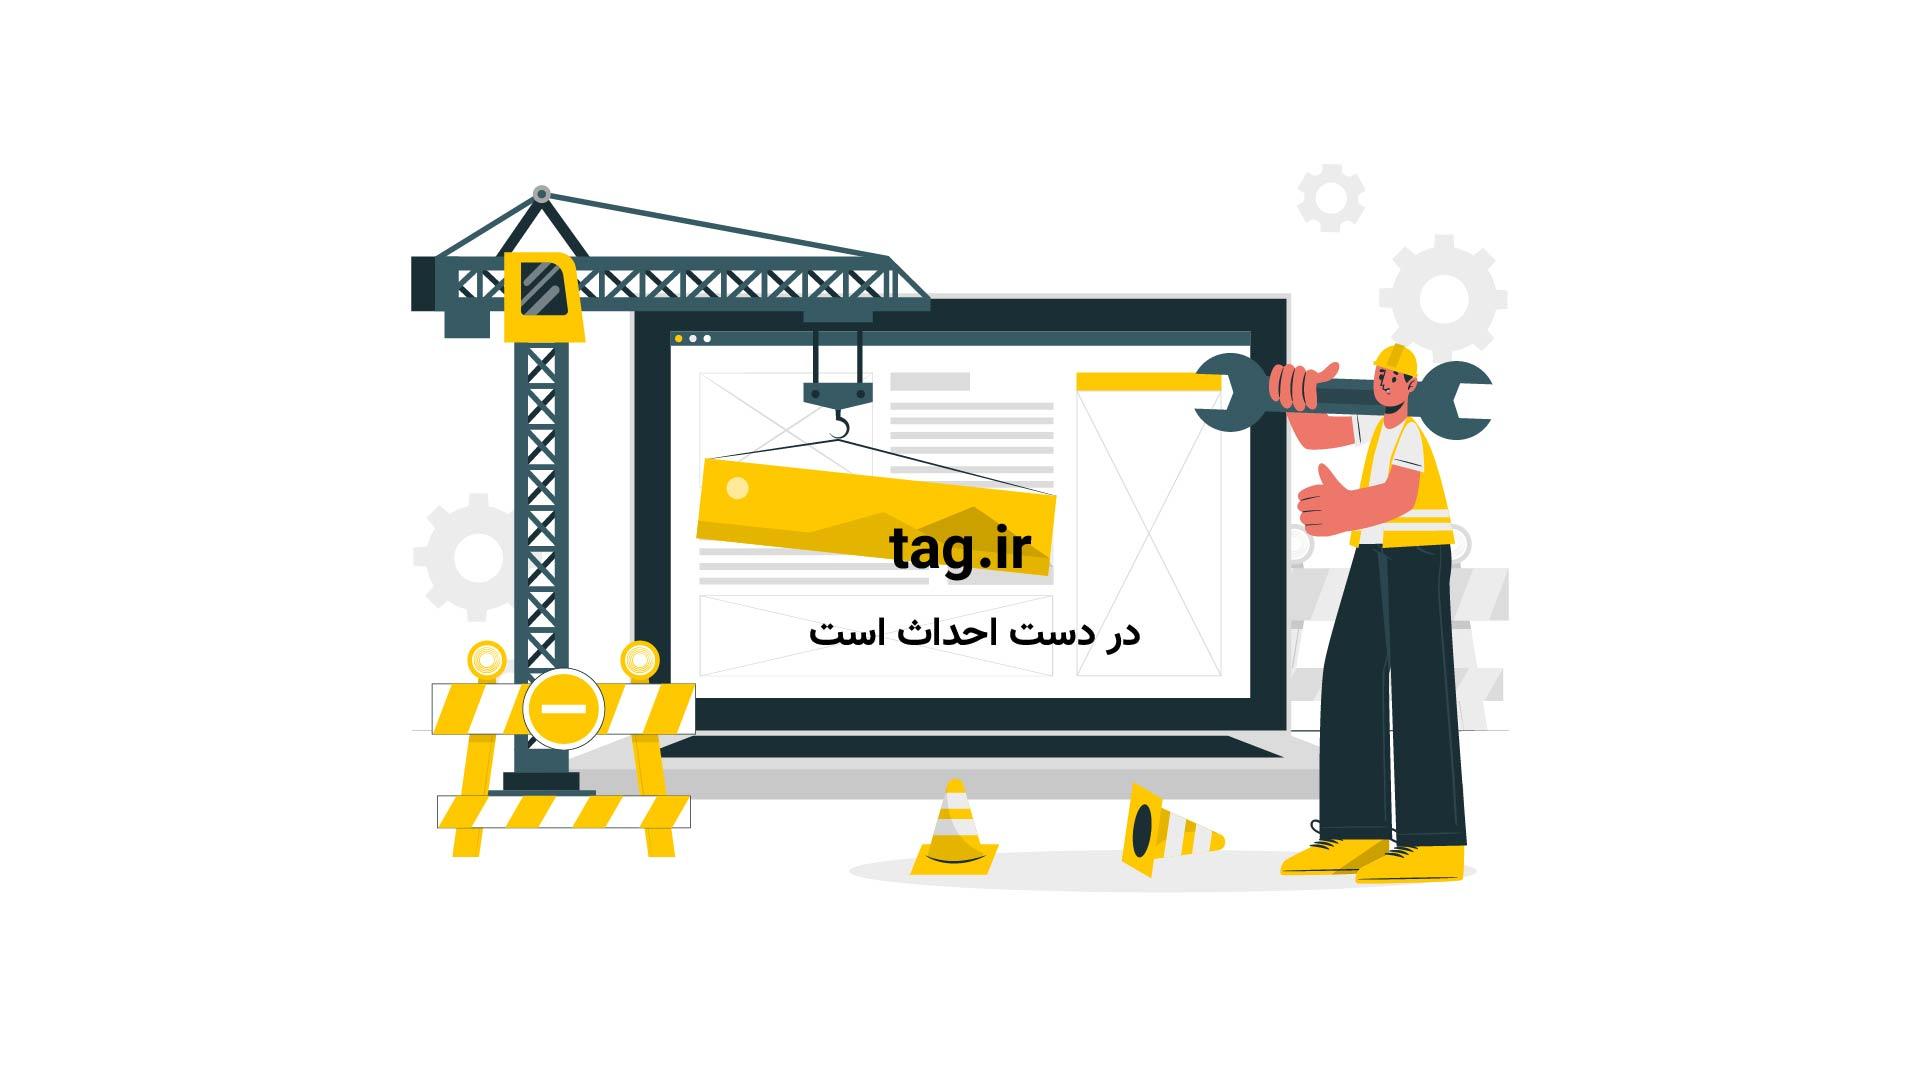 برف-و-باران | تگ